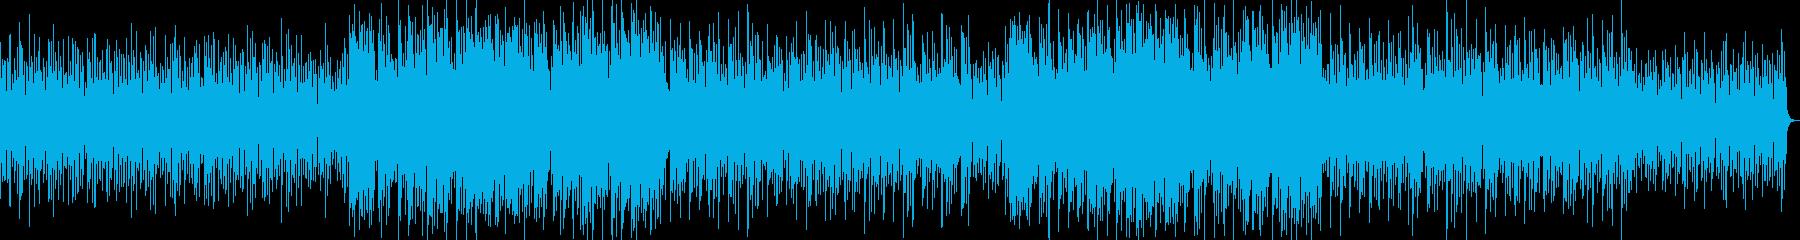 バリのガムラン風BGMの再生済みの波形